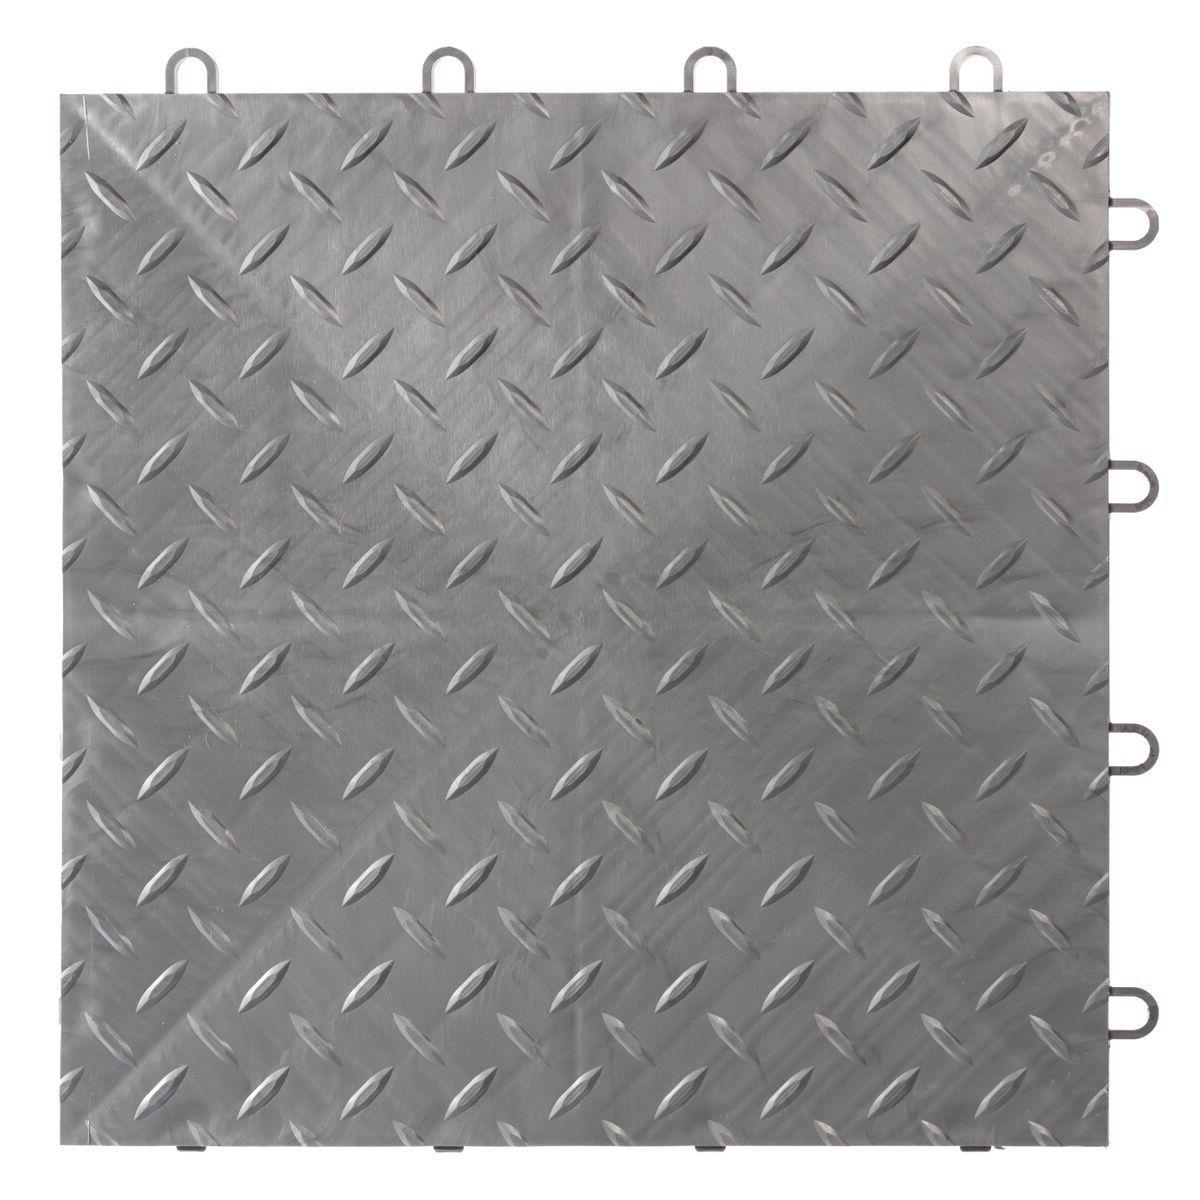 Garage Floor Tiles American Made TrueLock HD & RaceDeck